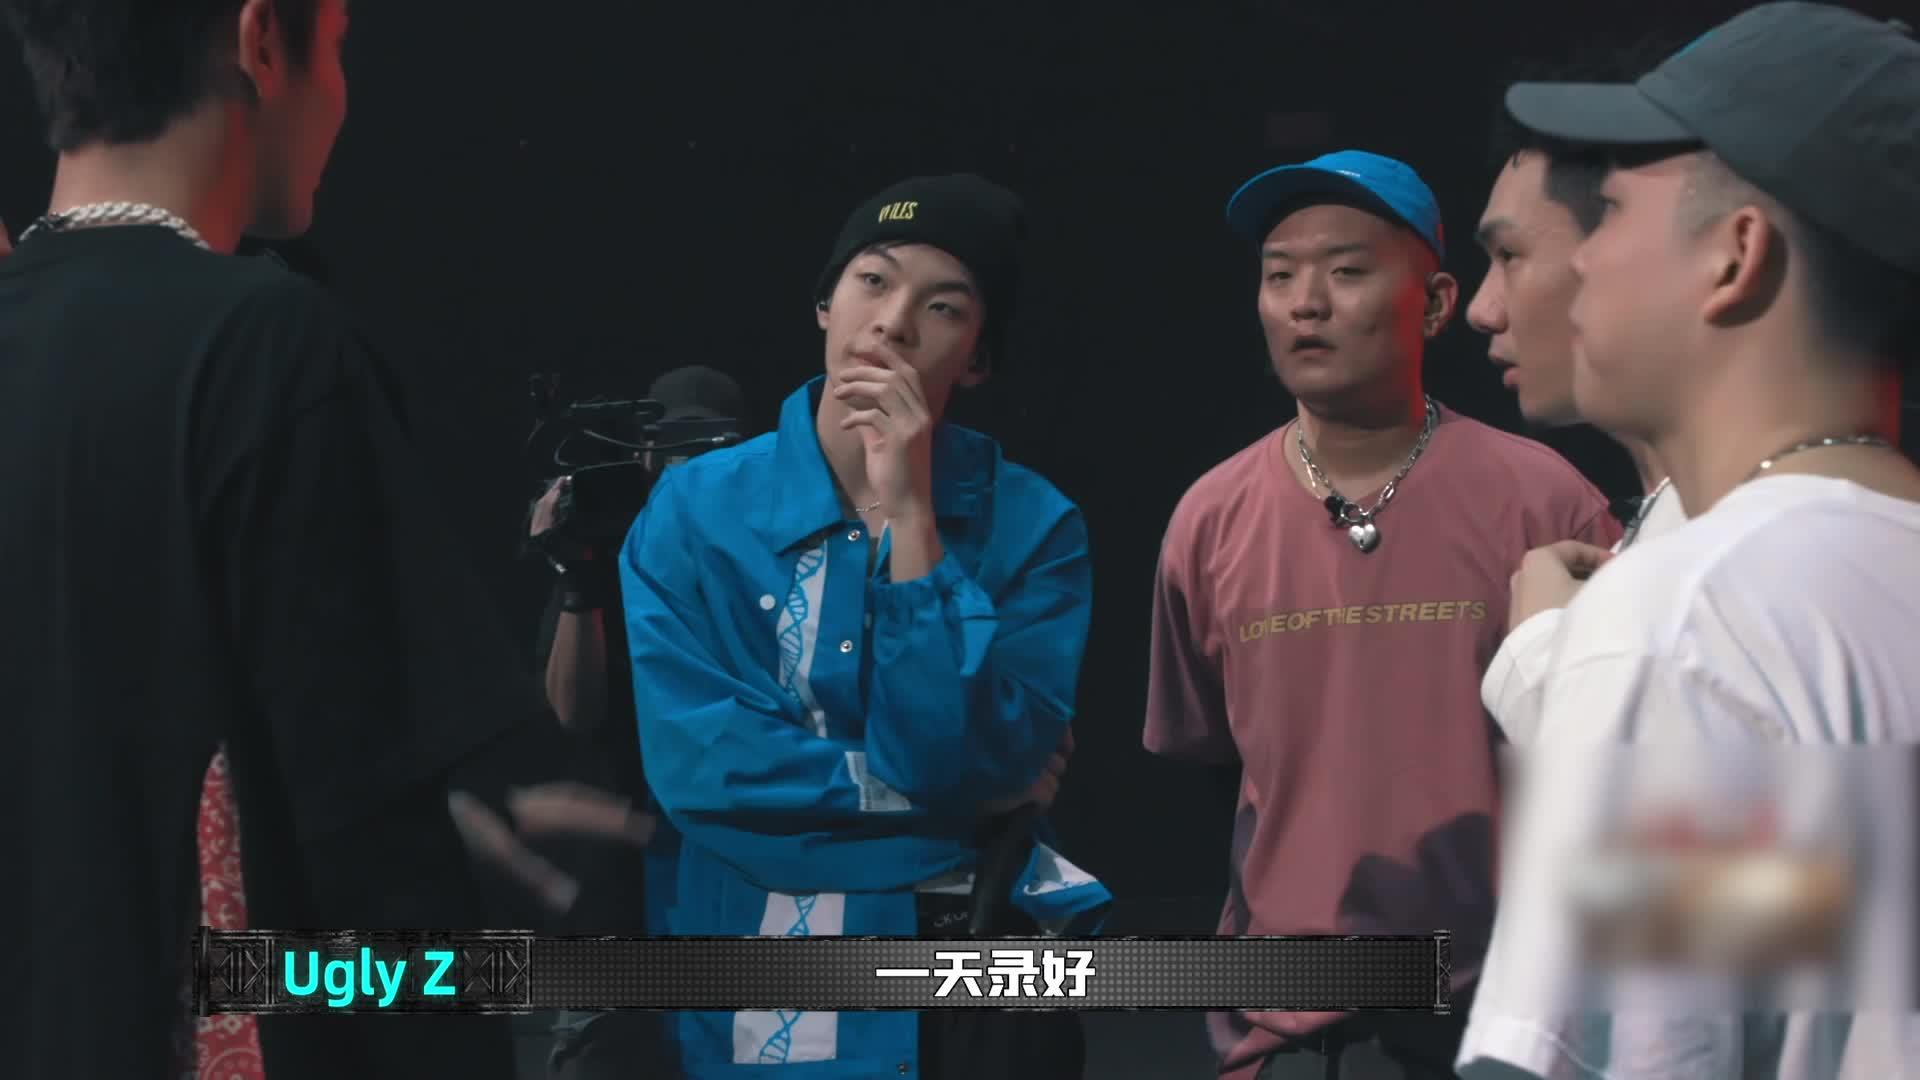 《中国新说唱2020》第7期预告:Ugly Z极限创作 梁维嘉状况频出